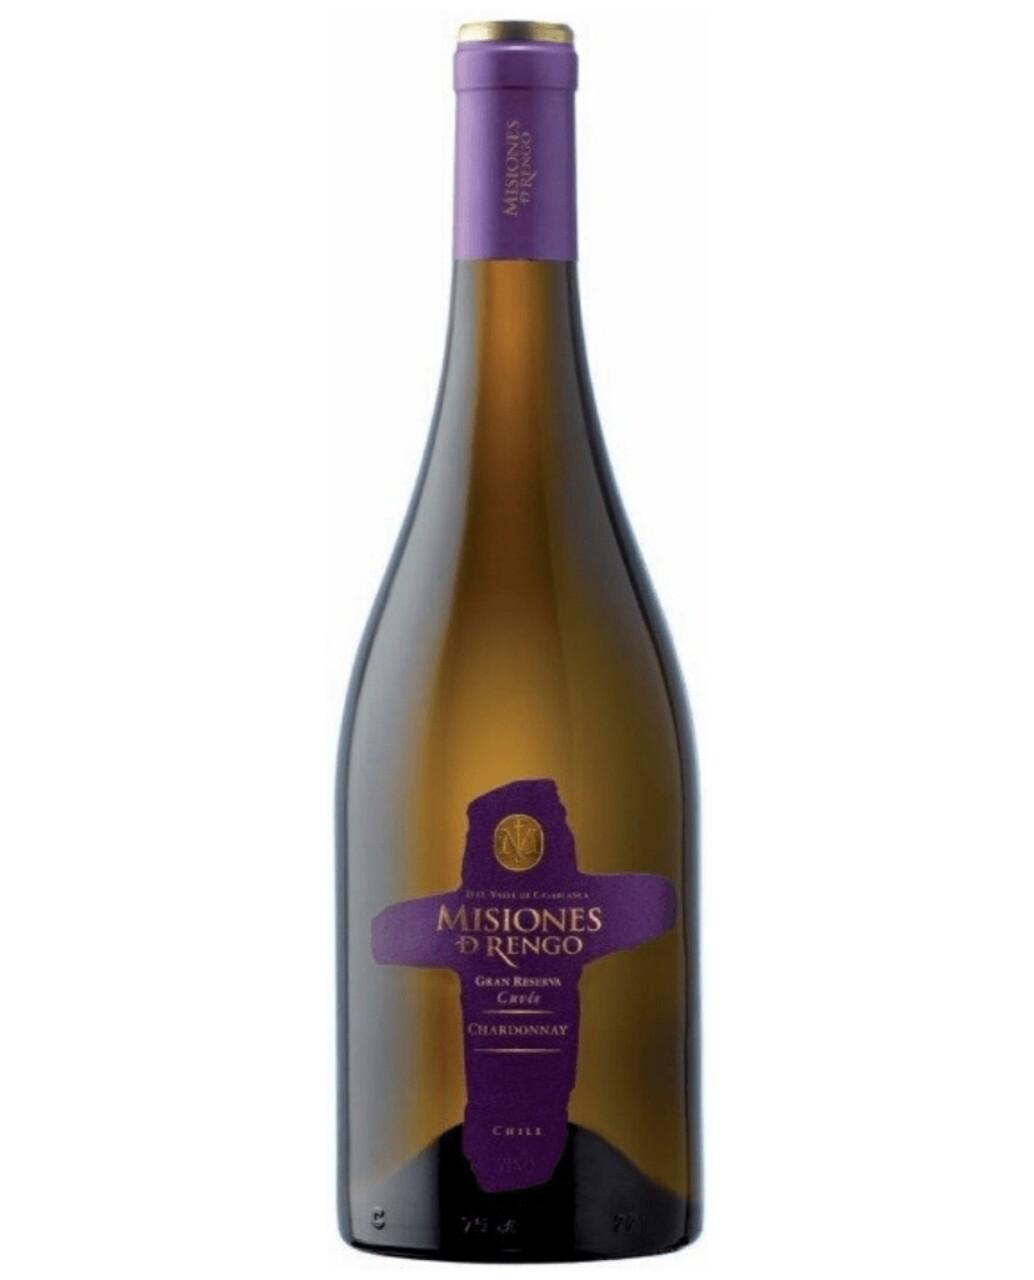 Misiones de Rengo Cuvee Chardonnay